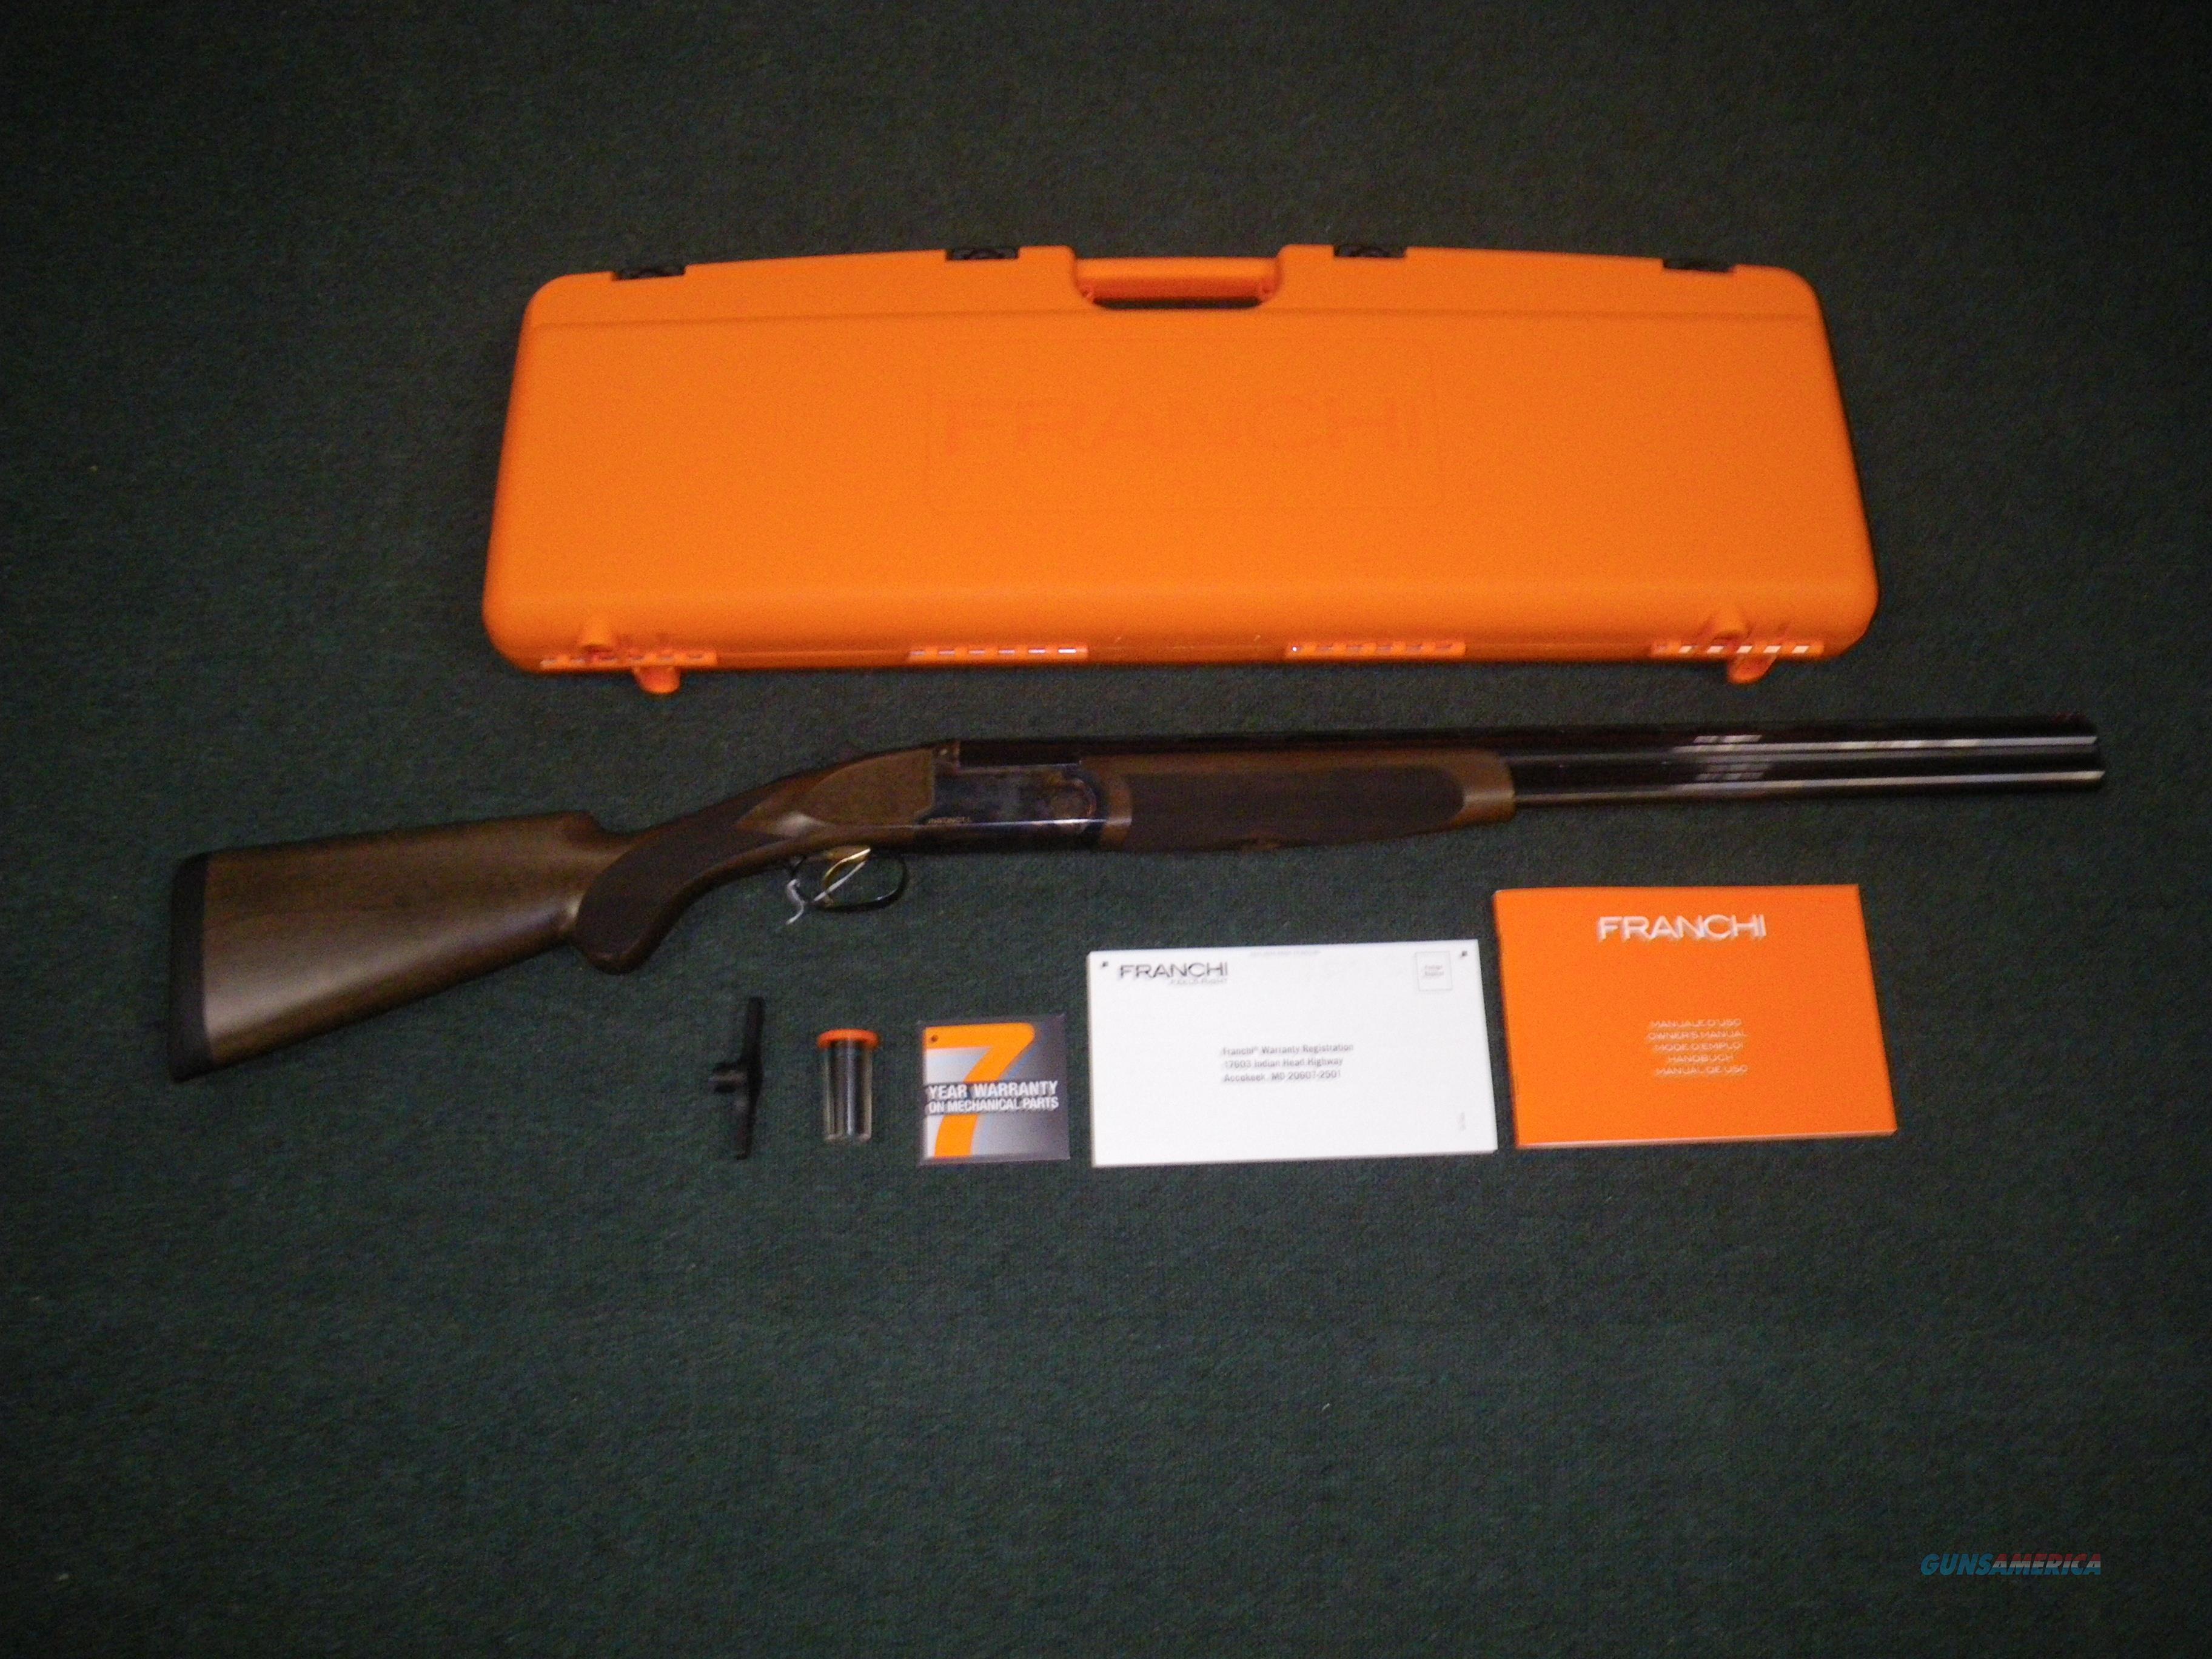 """Franchi Instinct L Over/Under Shotgun 28ga 28"""" NIB #40811  Guns > Shotguns > Franchi Shotguns > Over/Under > Hunting"""